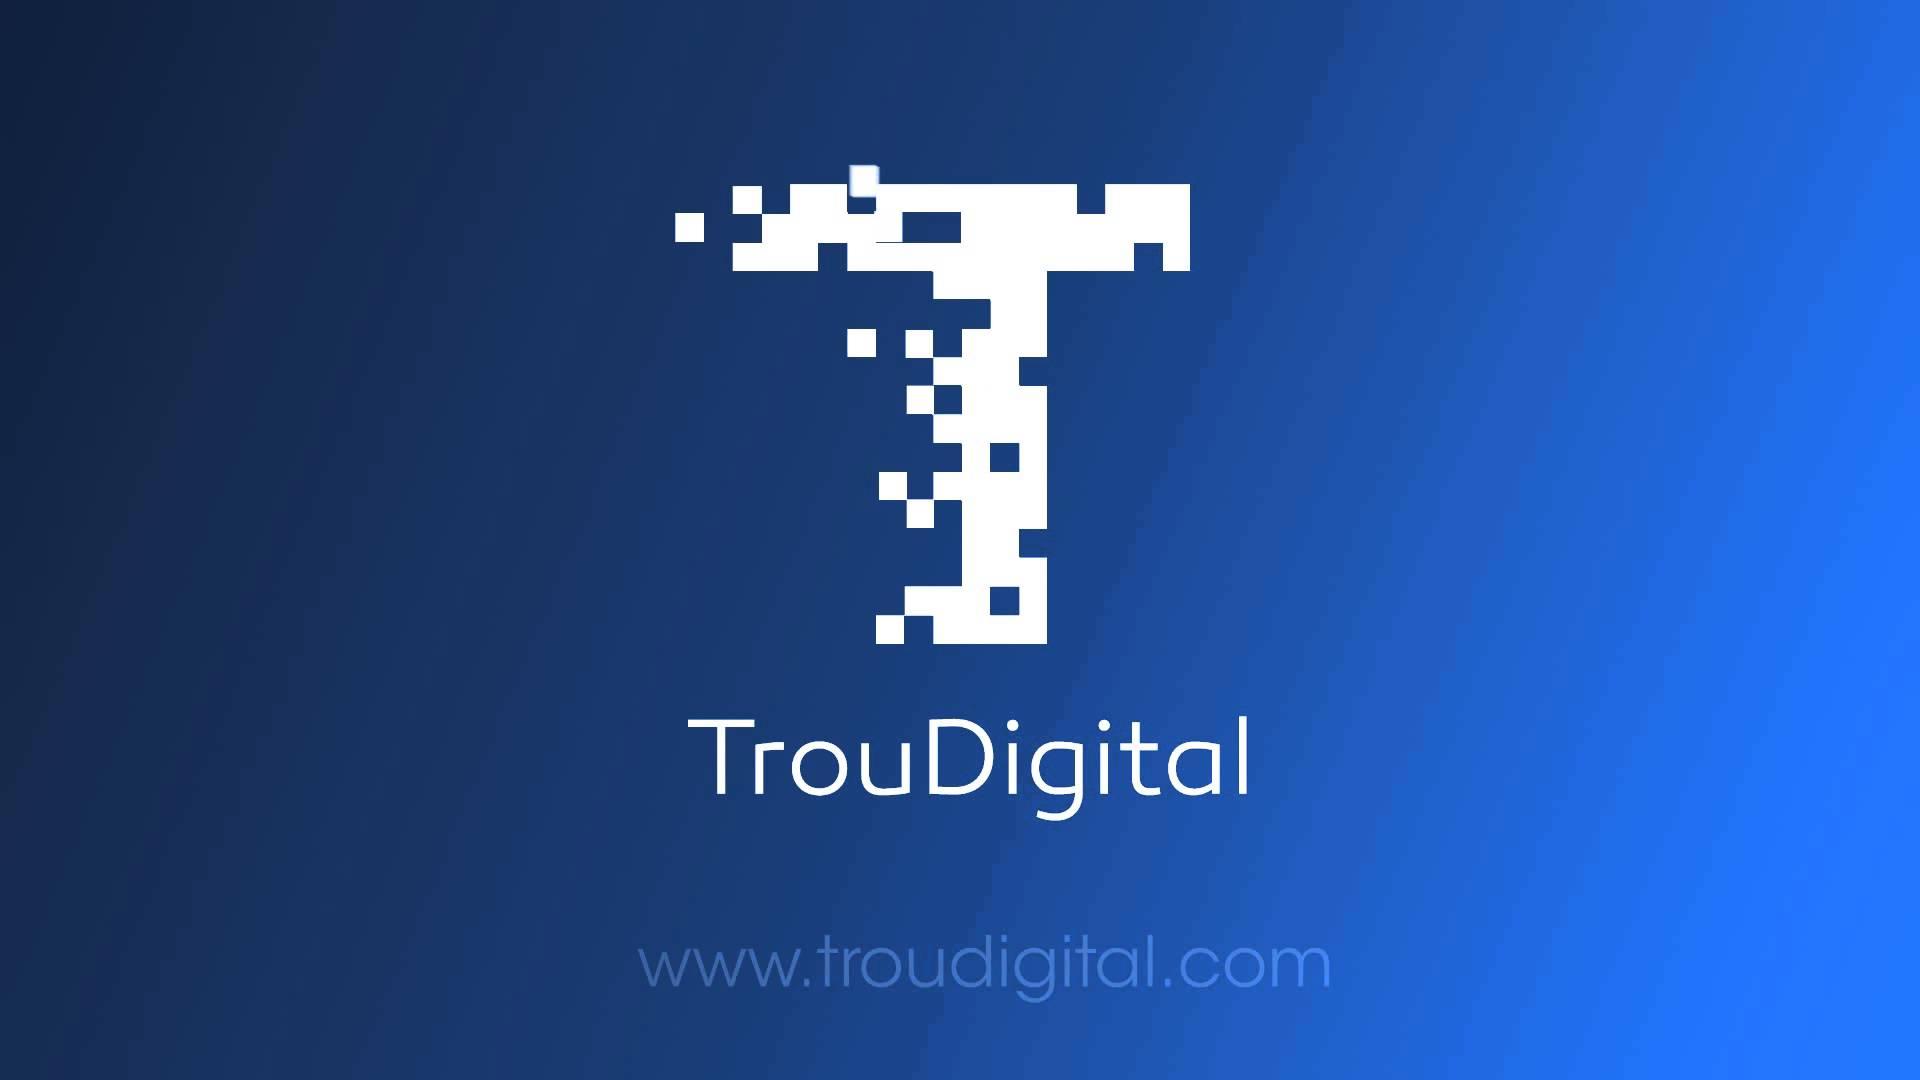 trou digital